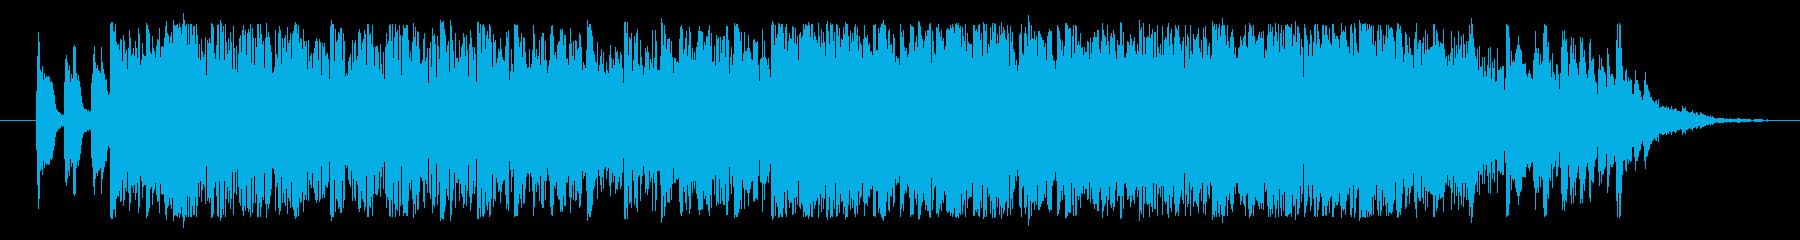 打ち込みを用いたEDM風のジングル!の再生済みの波形